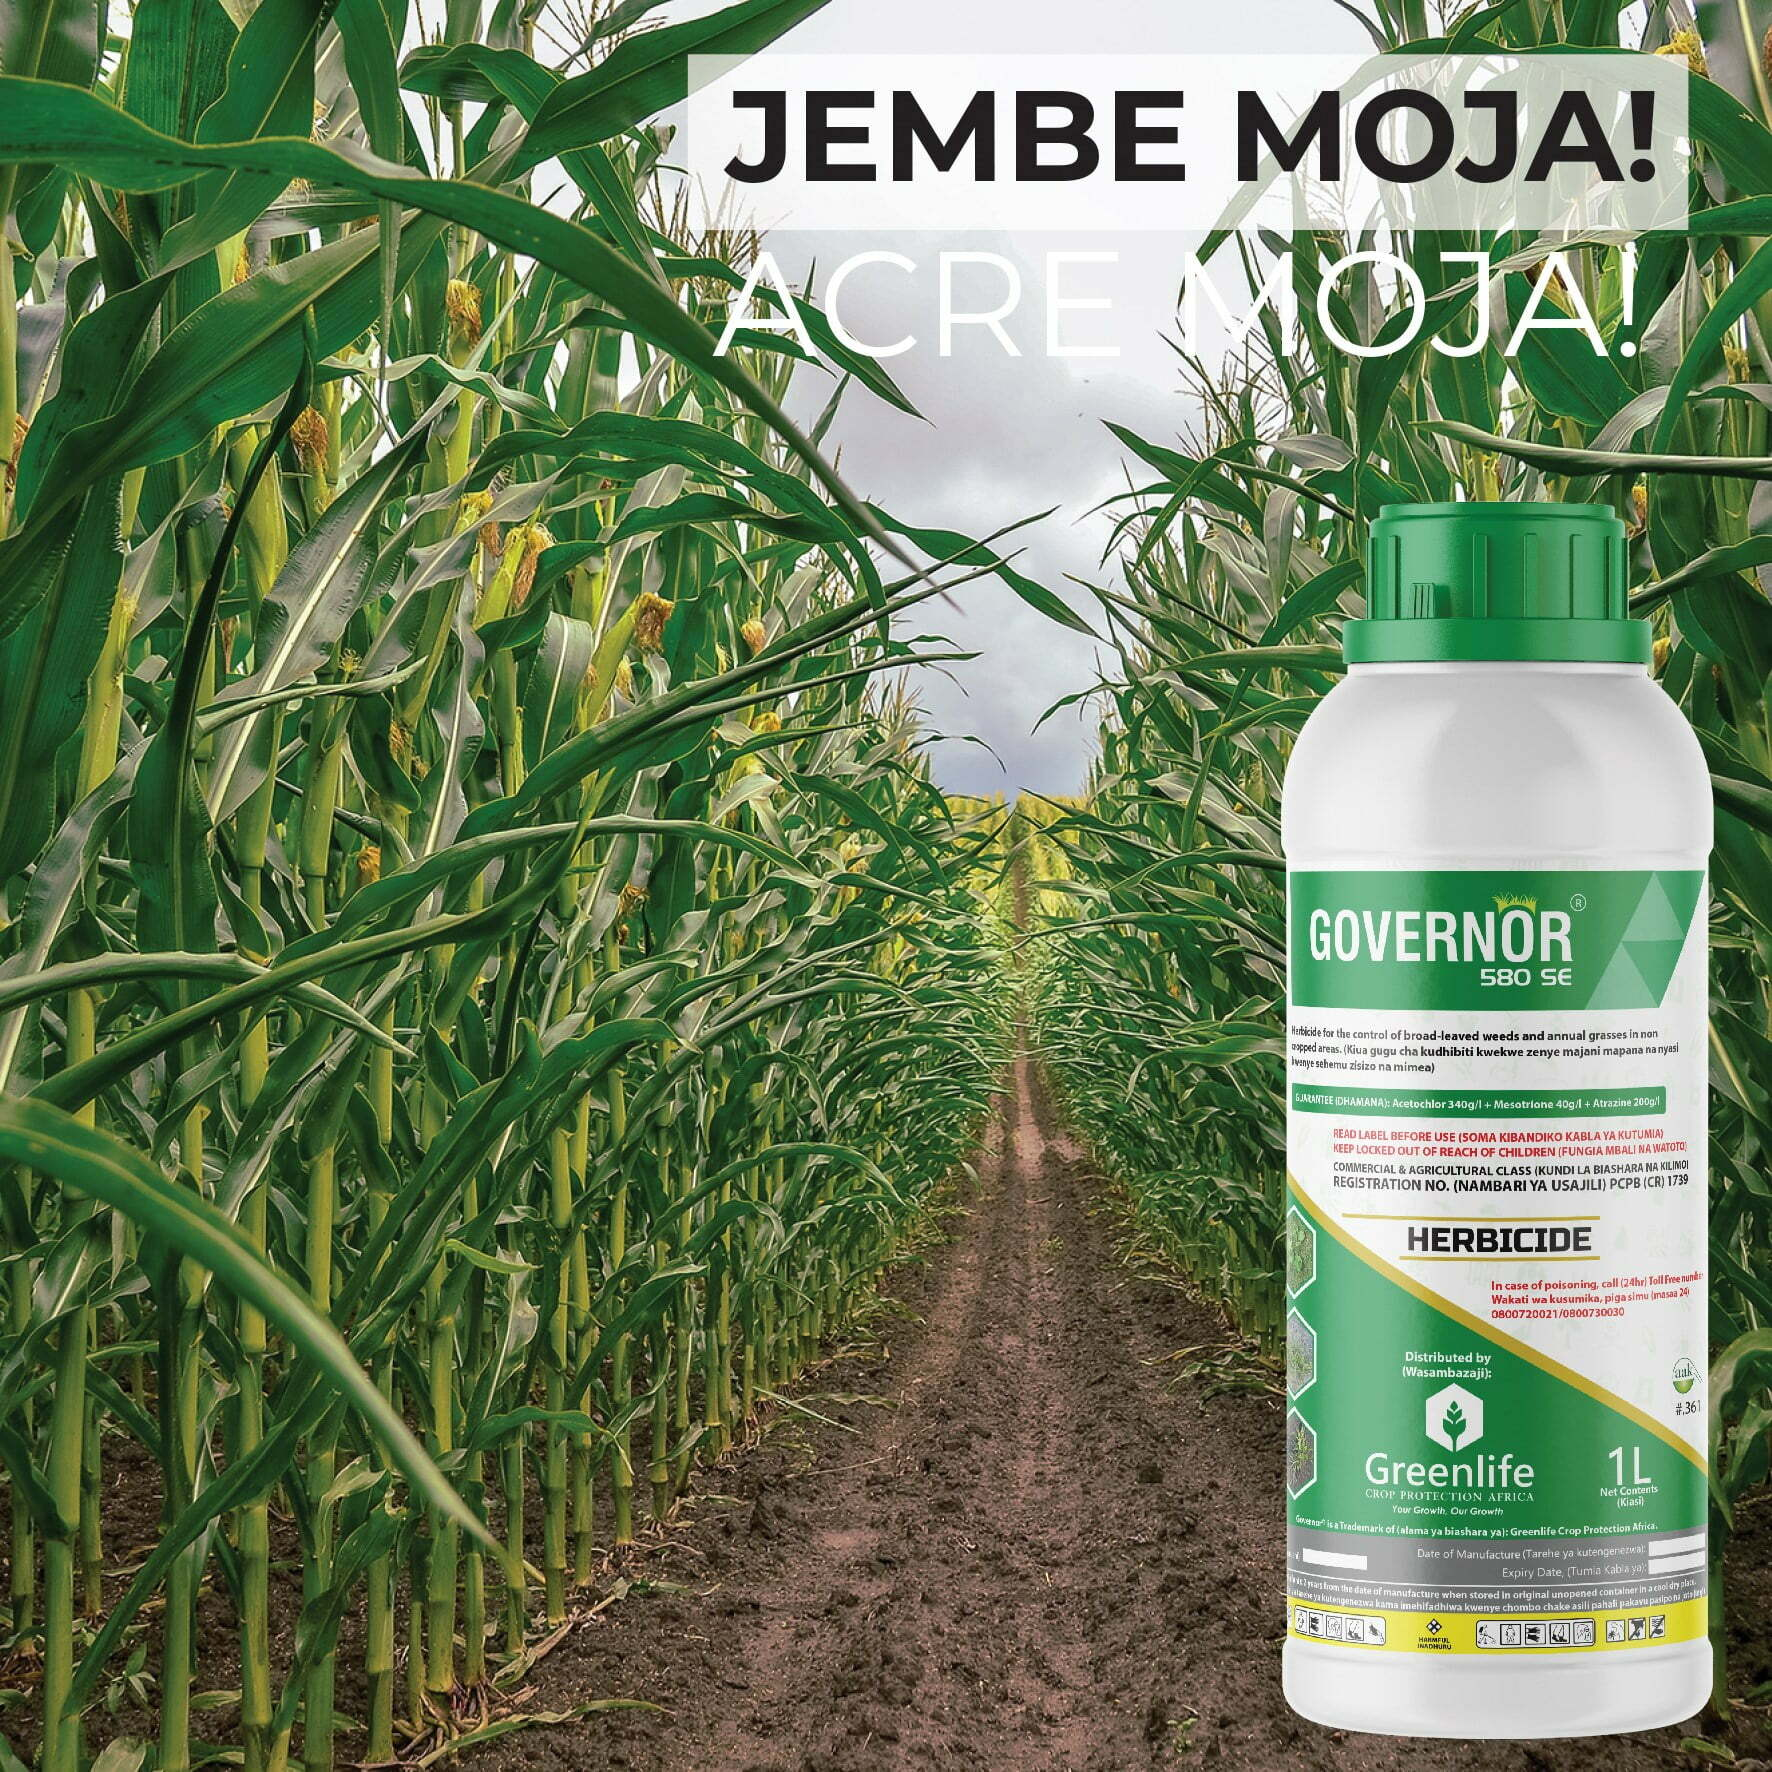 buy Governor 580 SE in kenya